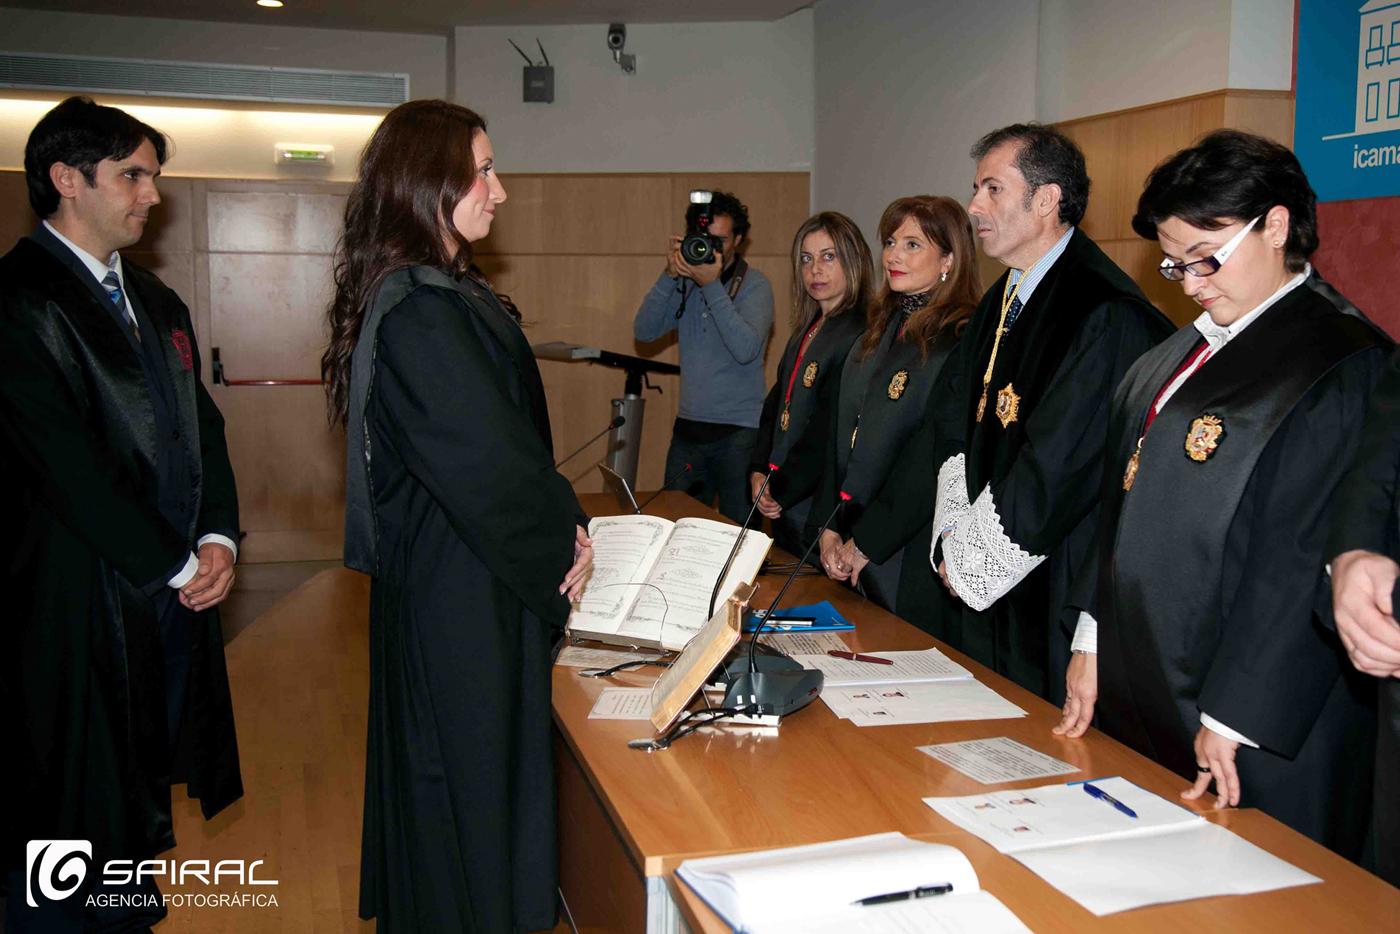 ICA Málaga - Spiral Agencia Fotográfica en Málaga y Andalucía